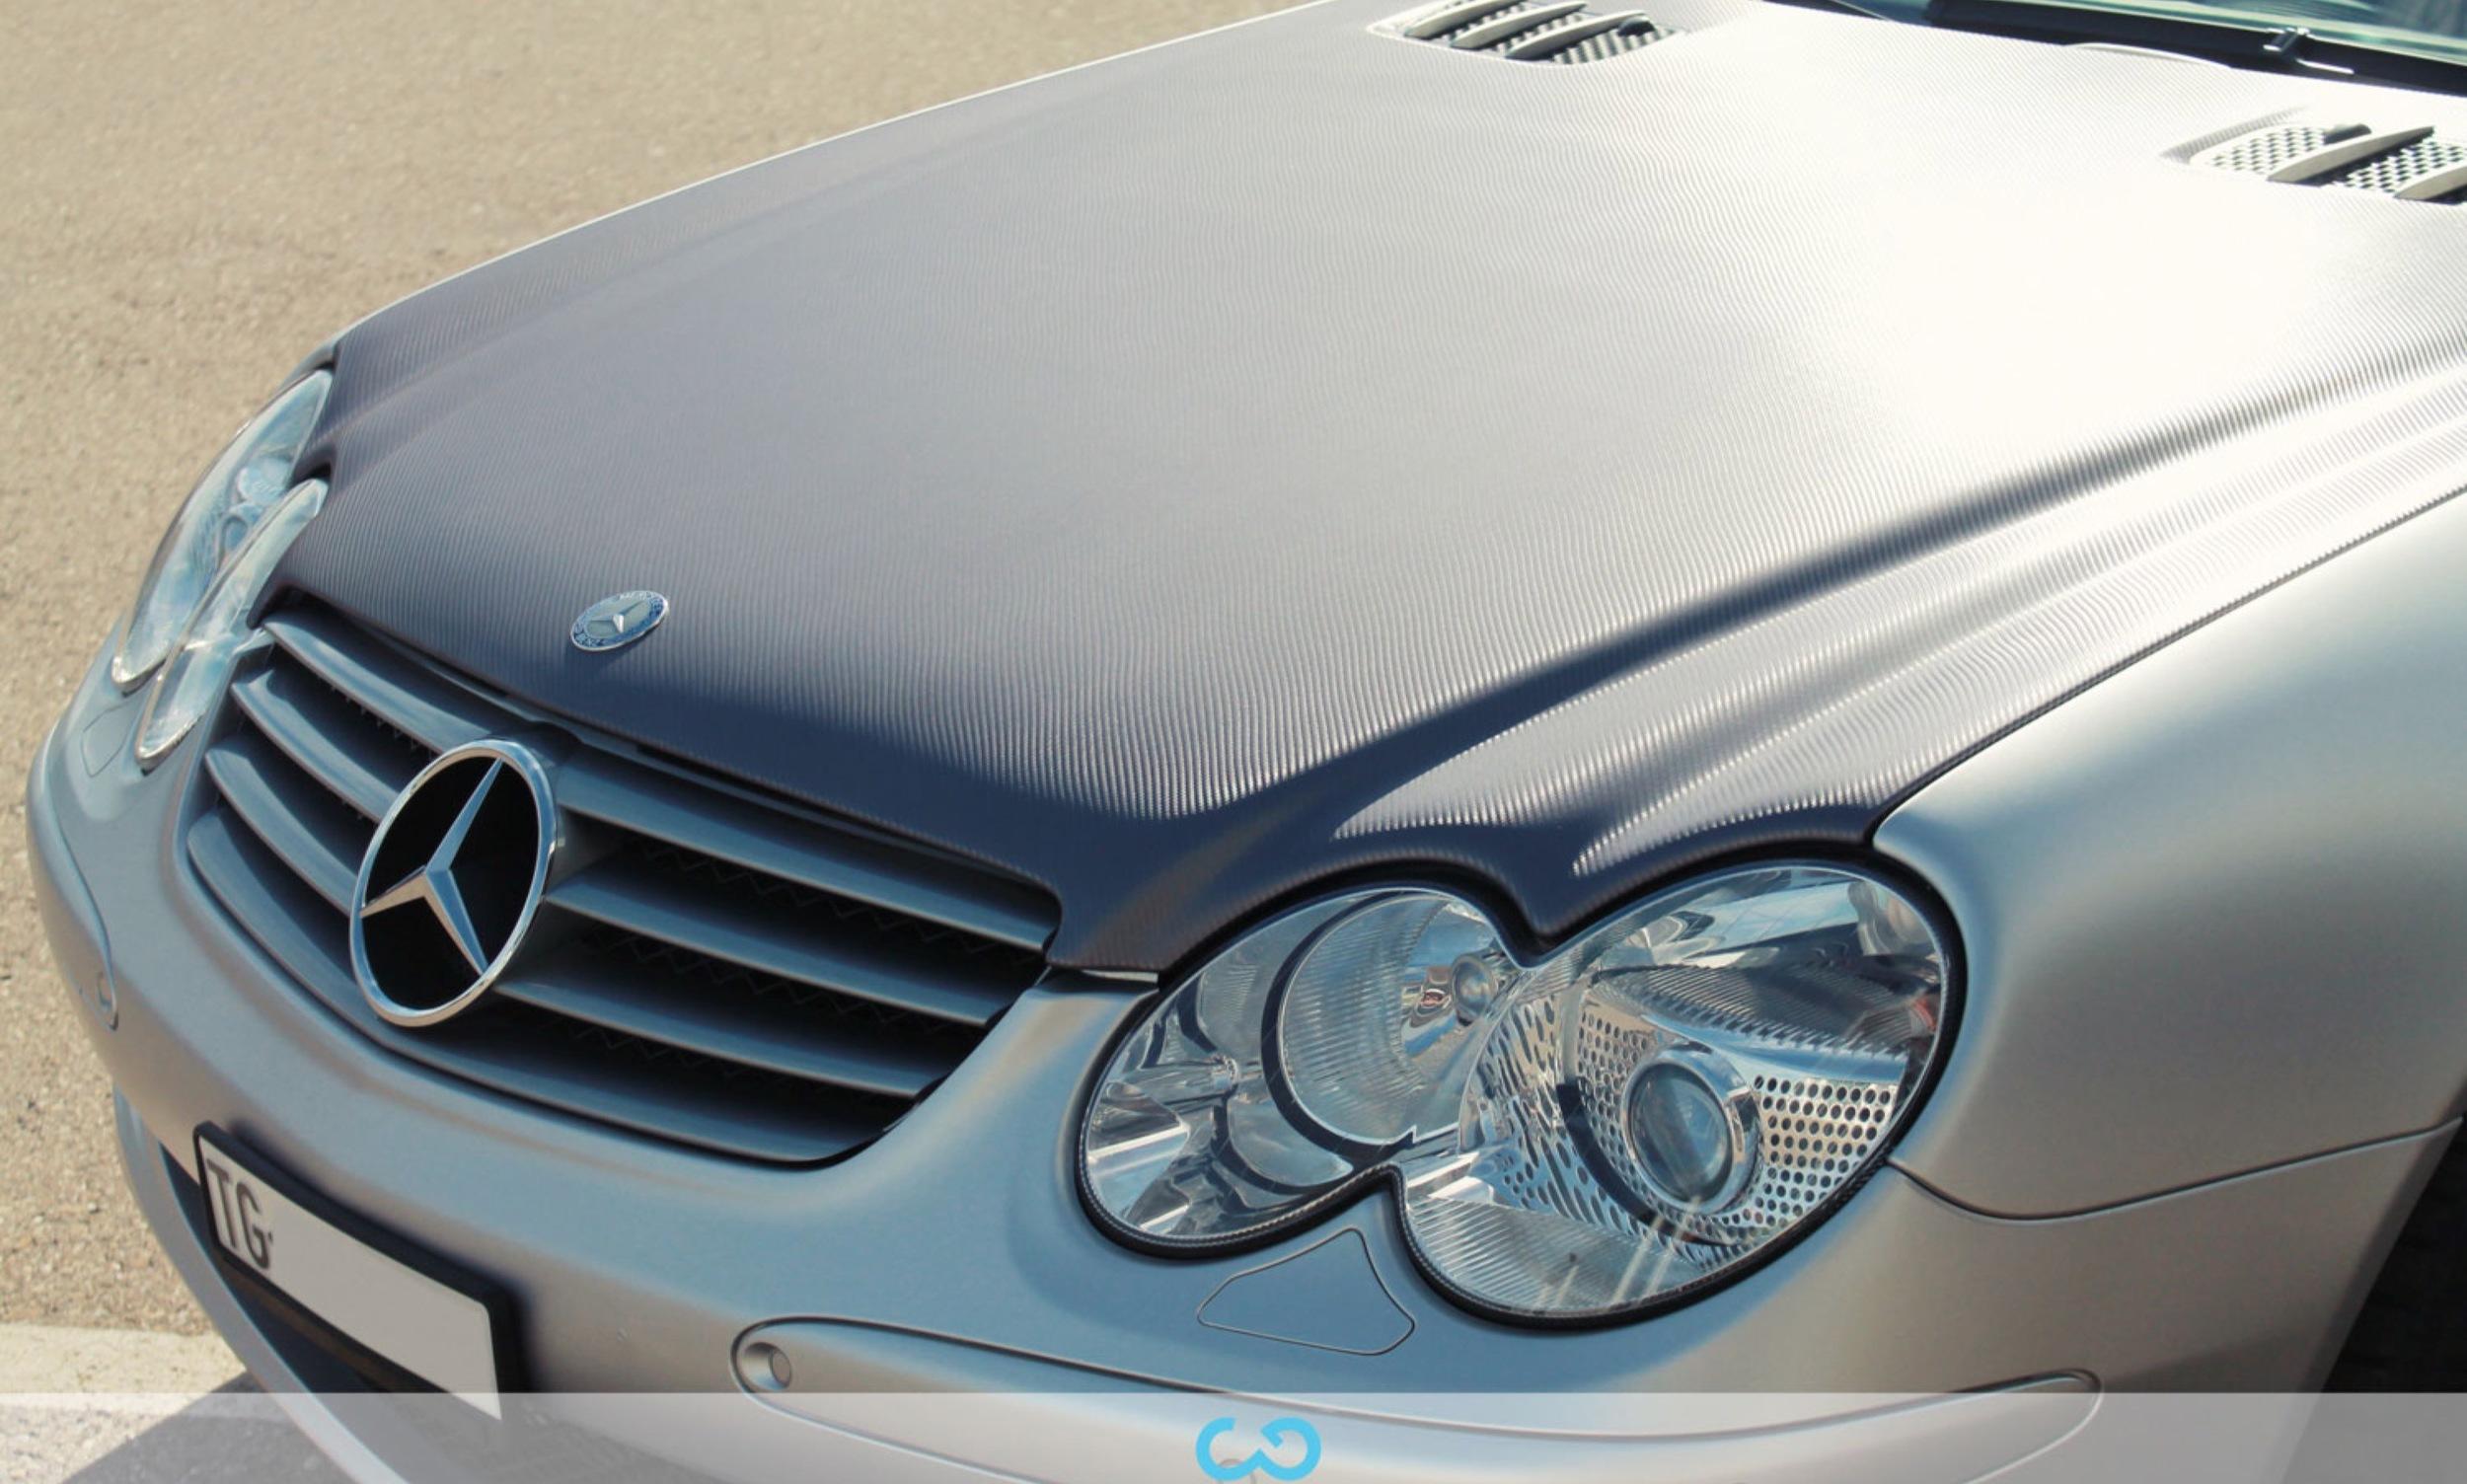 autofolierung-car-wrapping-4-teilfolierung-carbonfolie-mercedes-silber-2012-10-12-1.jpg